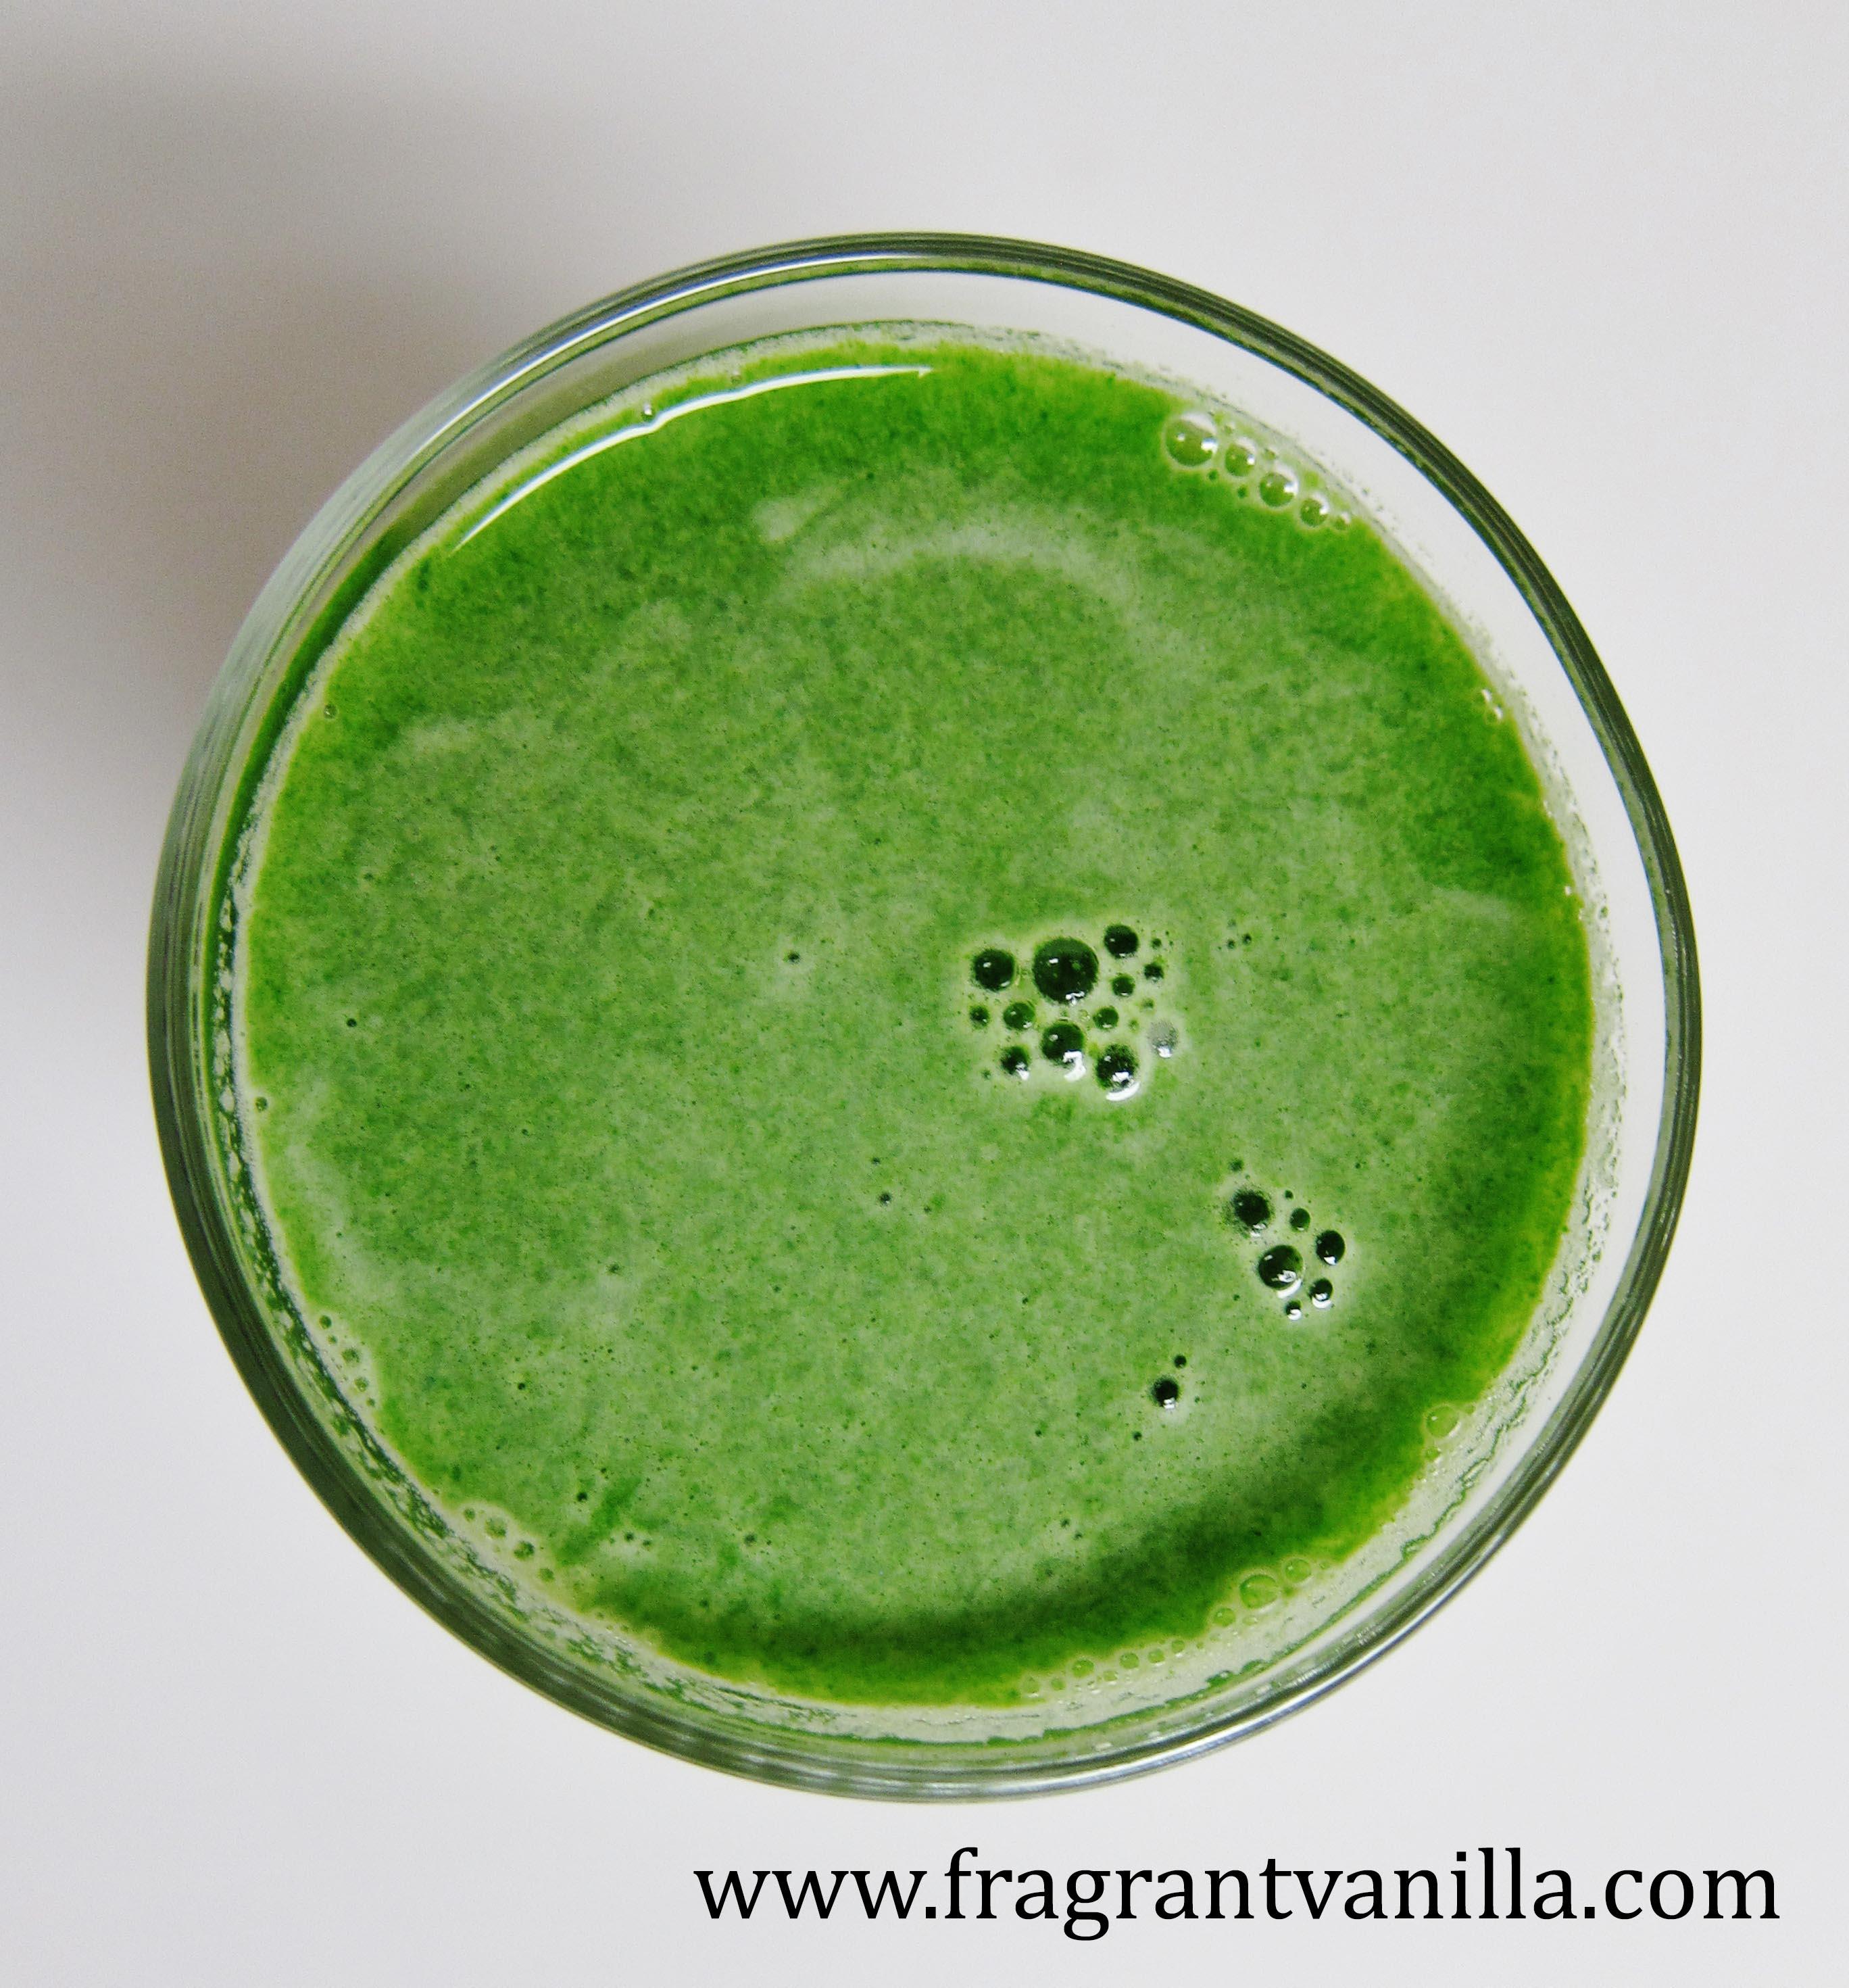 2 Juice Recipes: Sunset Beet Juice and Broccoli Apple Green Juice